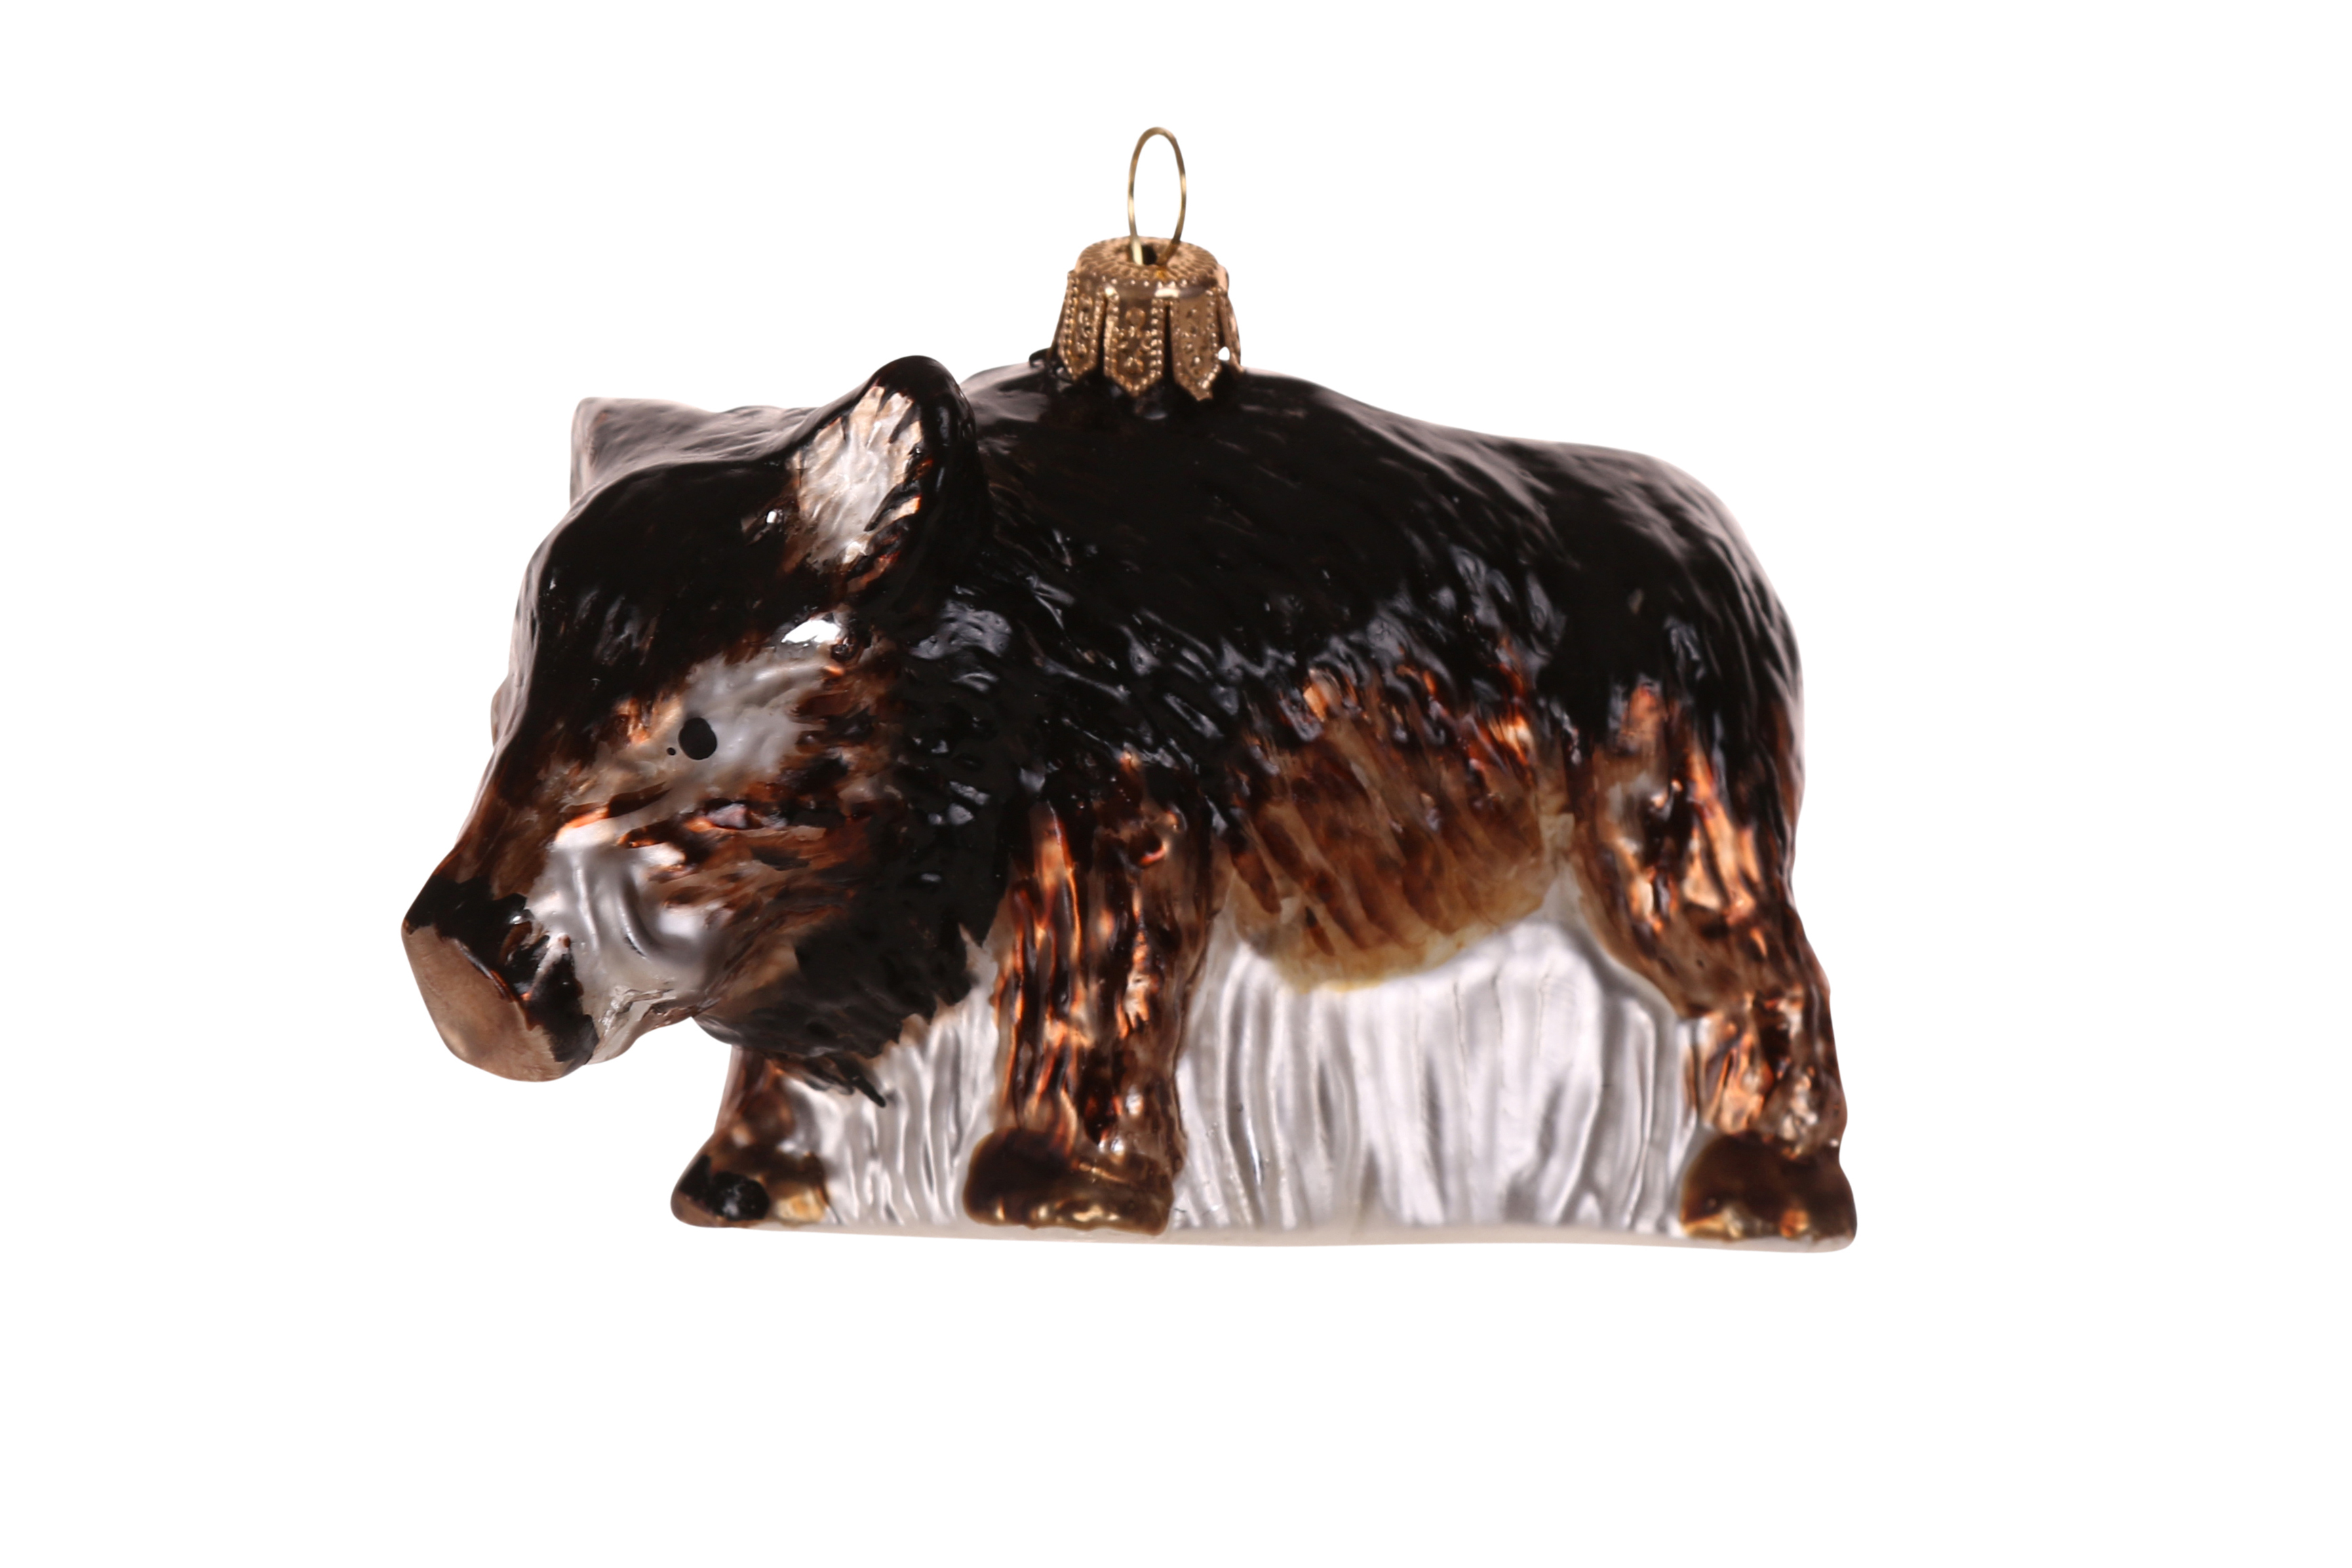 Wildschwein Weihnachtskugel Jager Weihnachtskugel Jager Geschenk